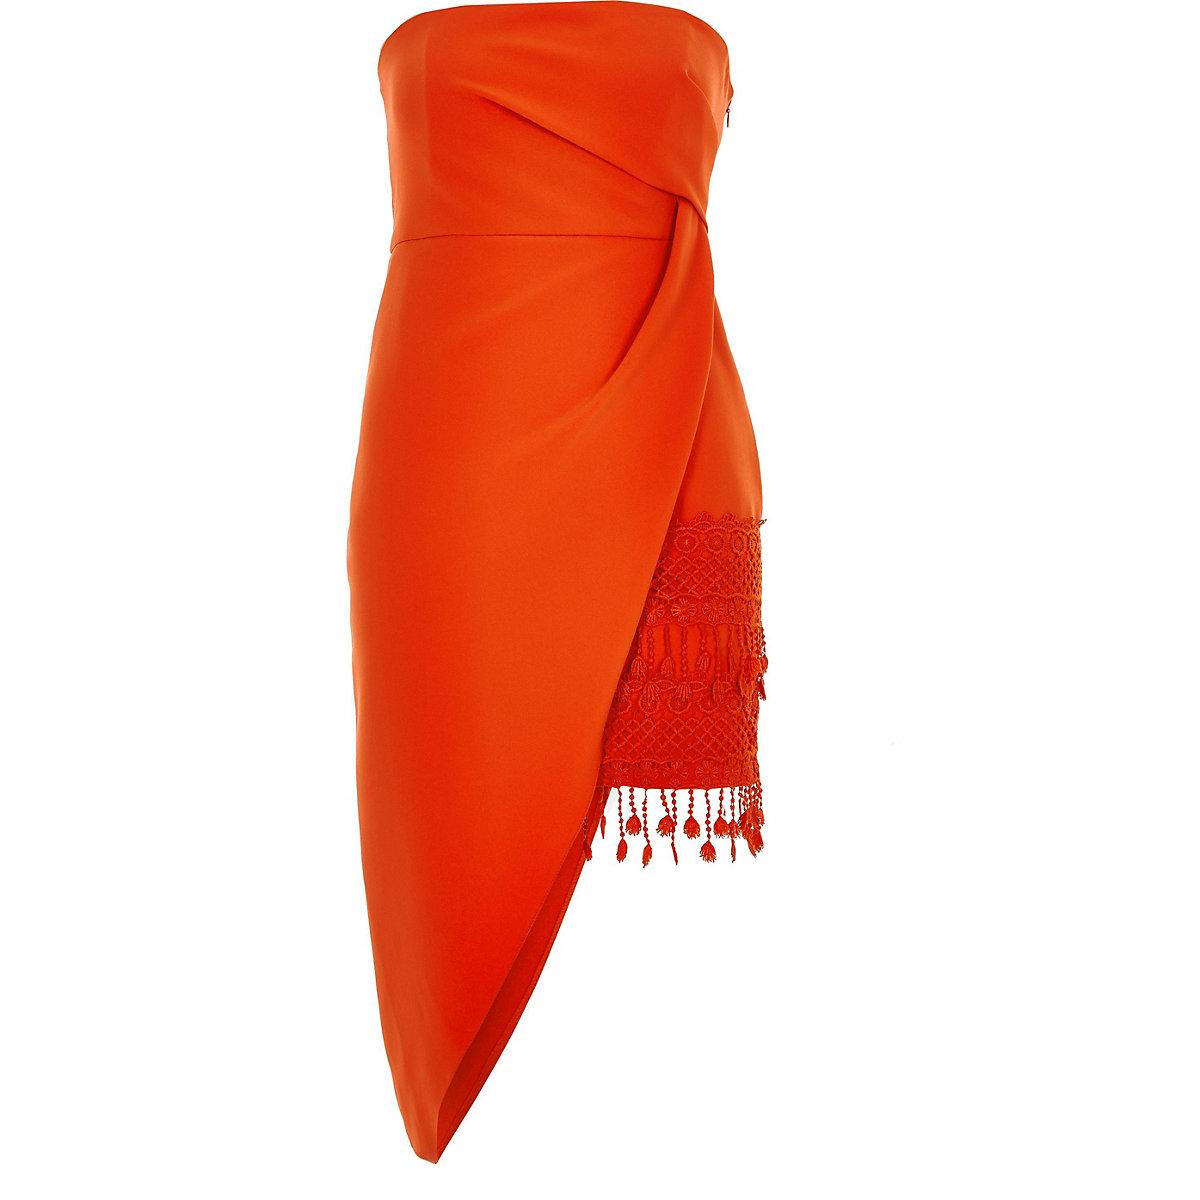 con Vestido naranja menuda asimétricas color borlas en ajustado 1grxw5gqU